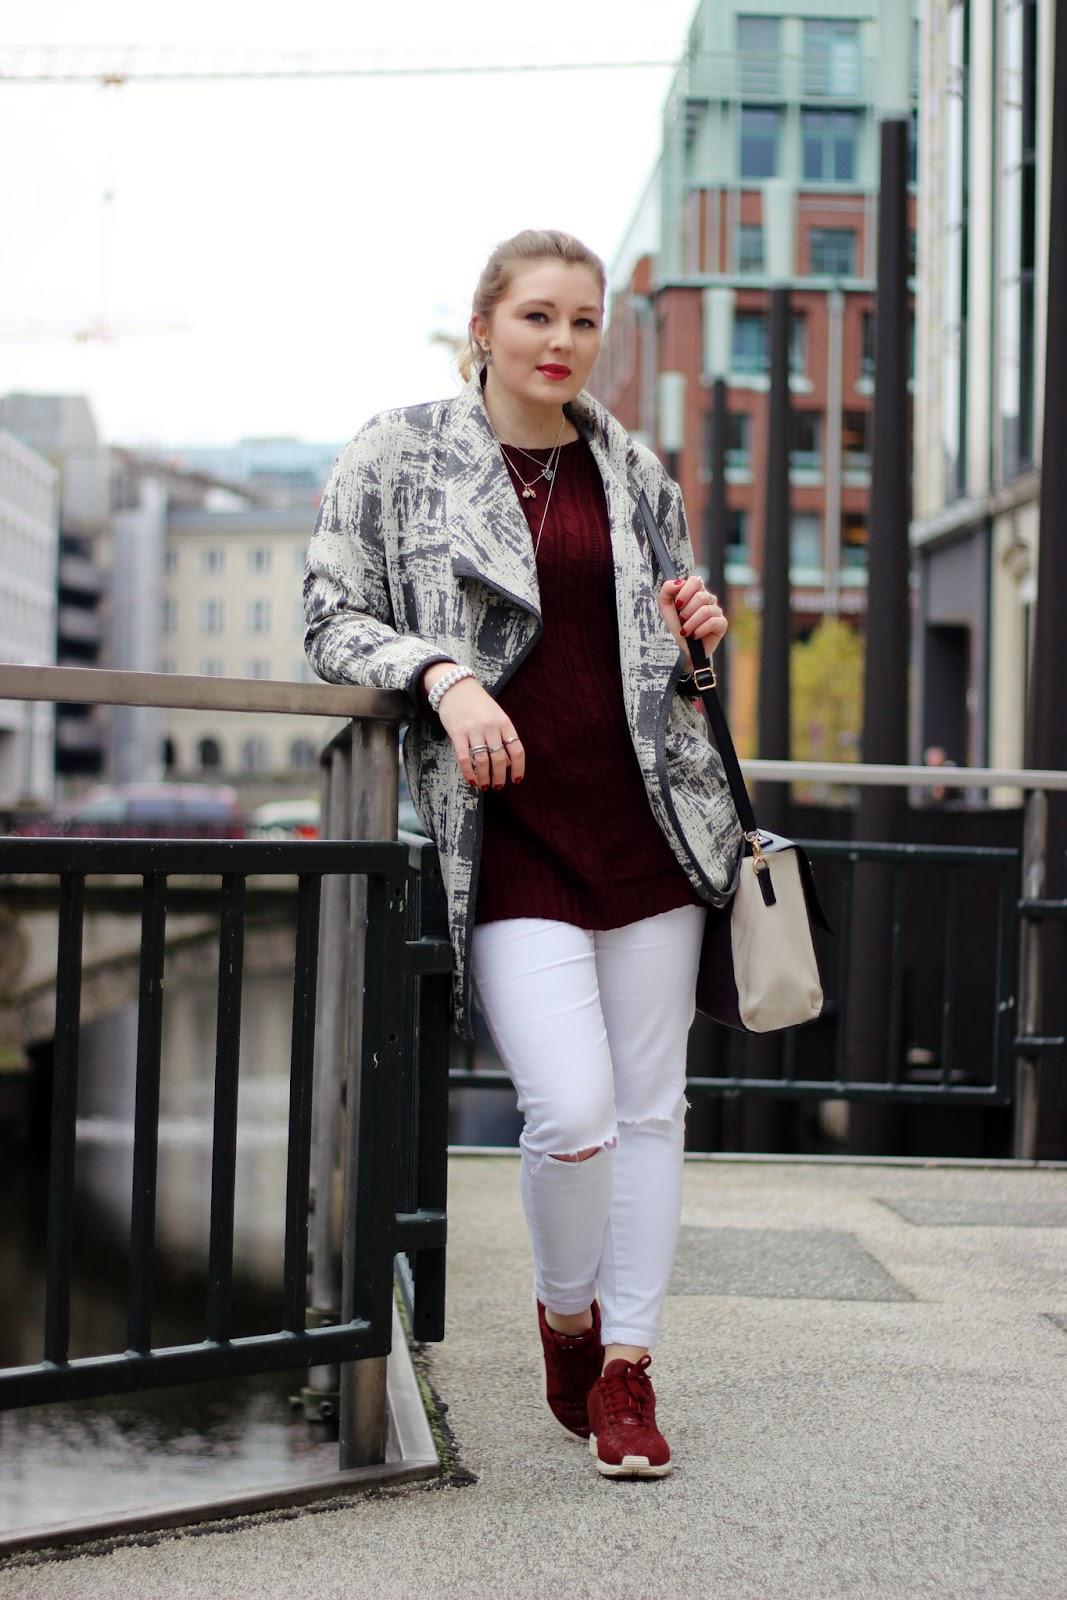 burgund, marsala, trendfarbe, marble, marmor, jacke, ripped jeans, weinrot, Adidas Flux mit Struktur, XL Schal, Hamburg